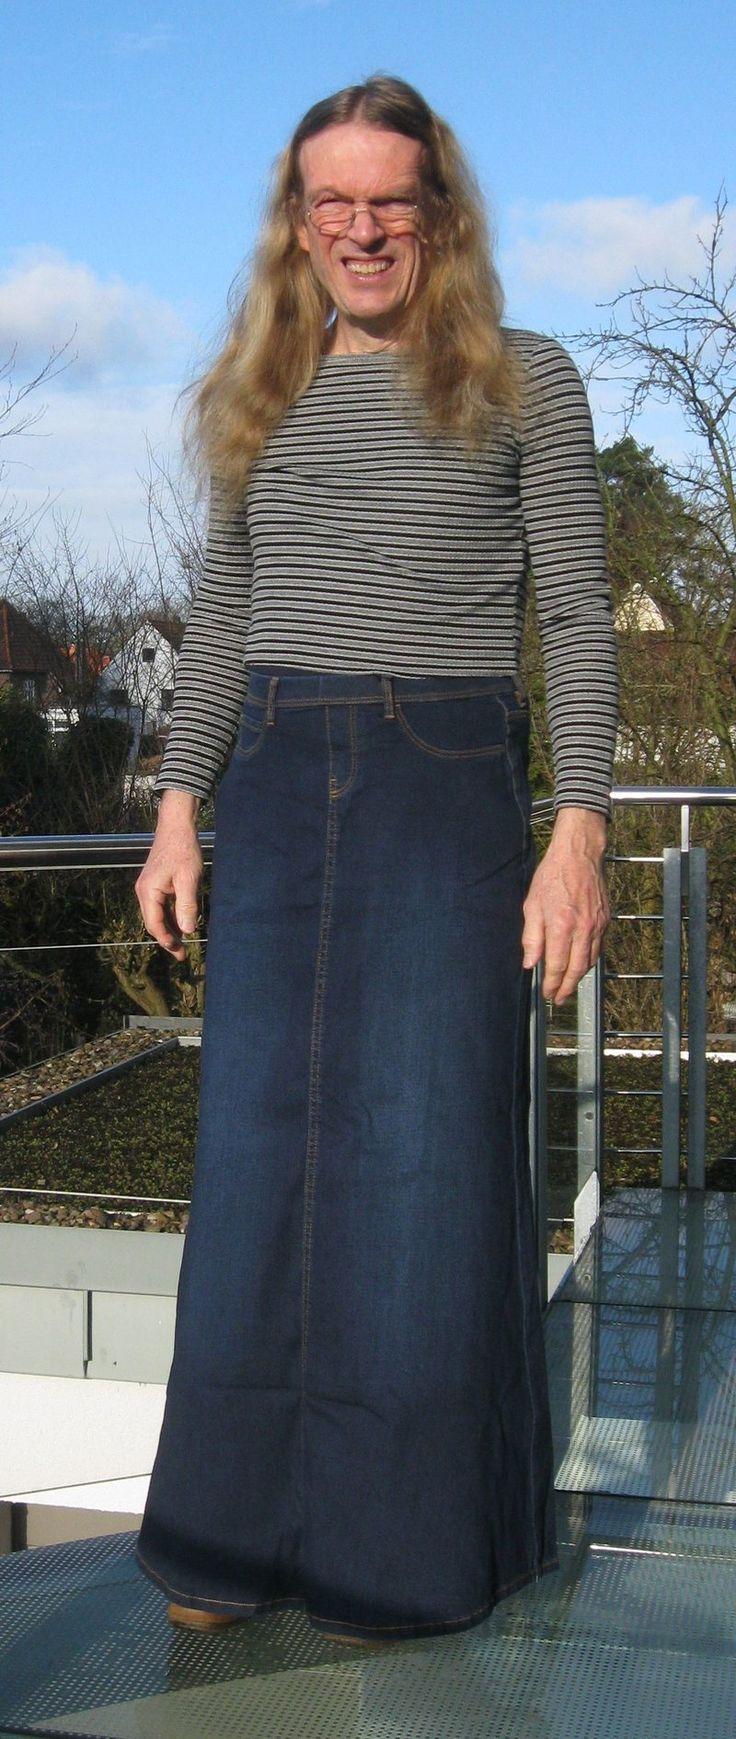 Pin on man in skirt - and dresses Männer in femininer